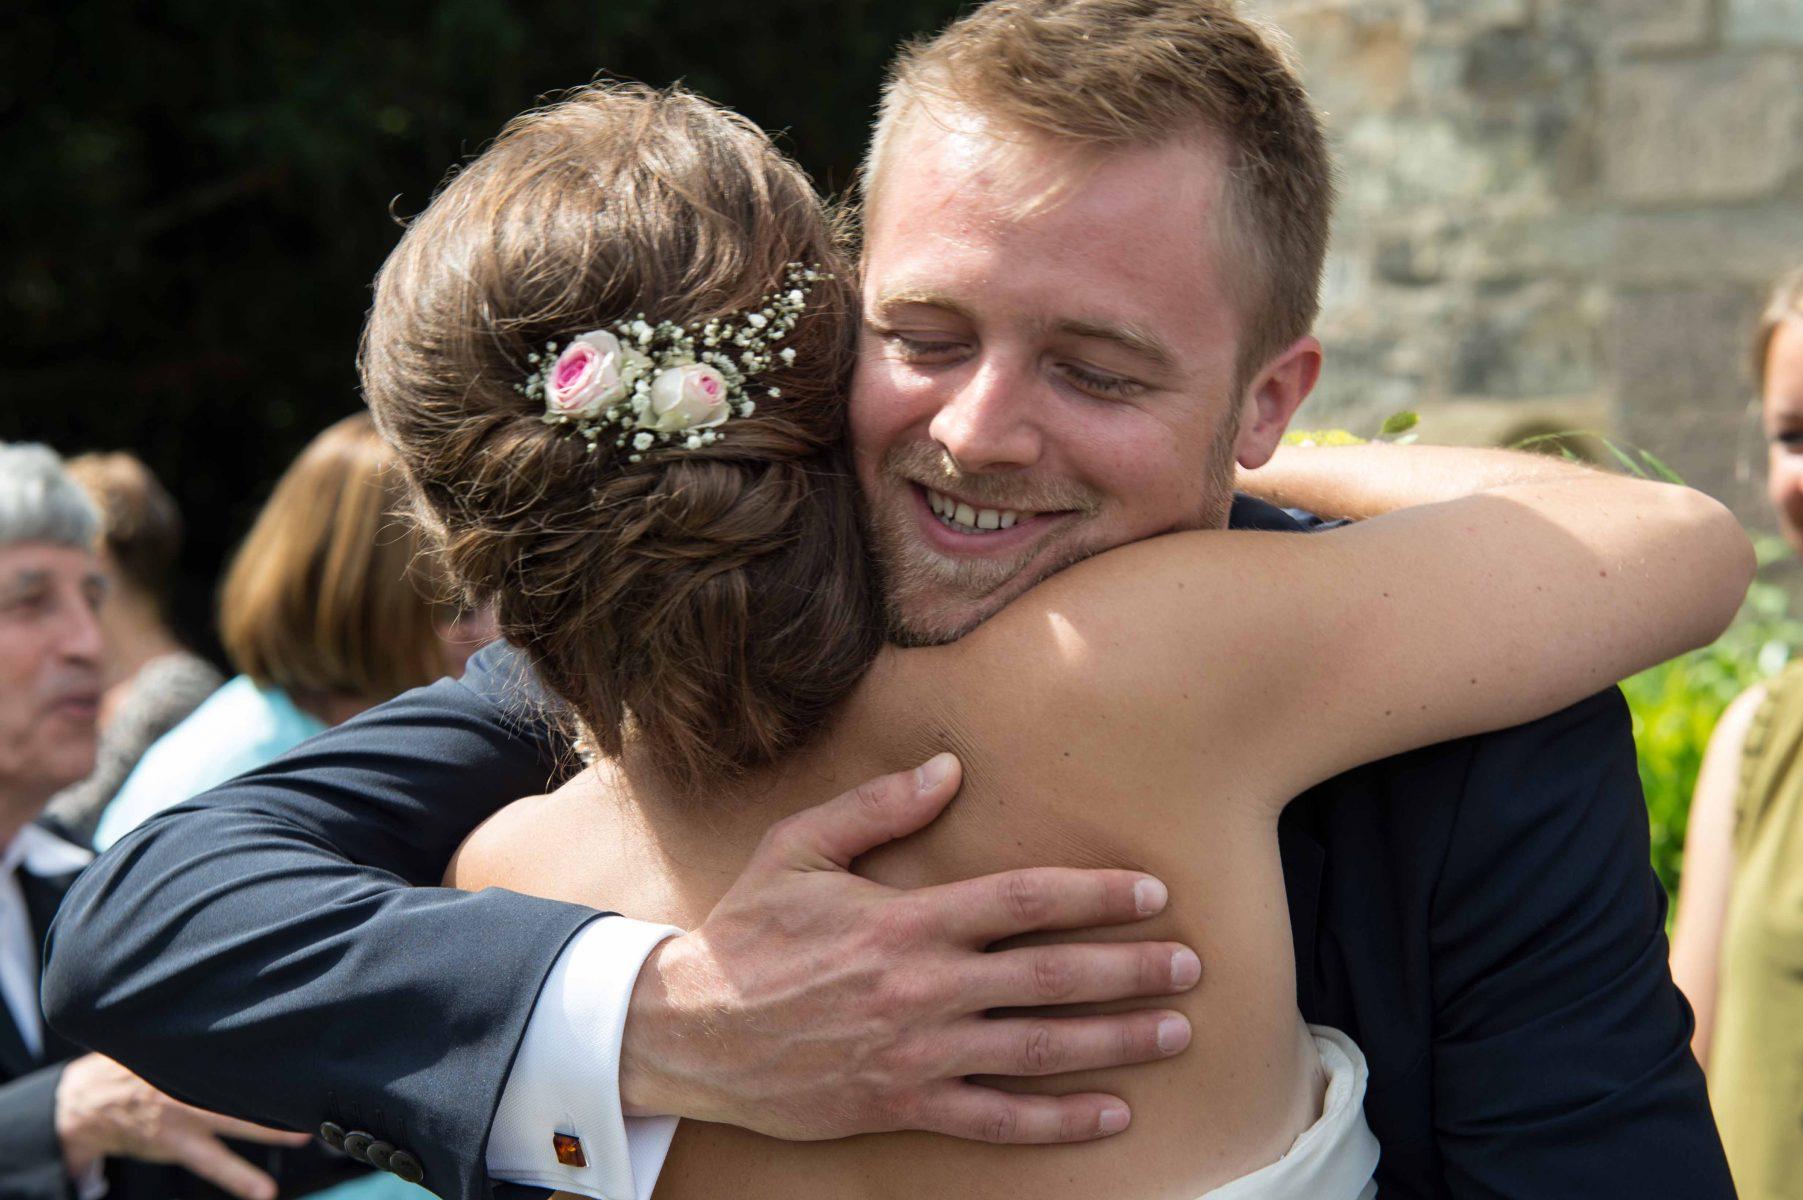 Hochzeit Gratulation B2000 9242 1803x1200 - GRATULATION & EMOTION